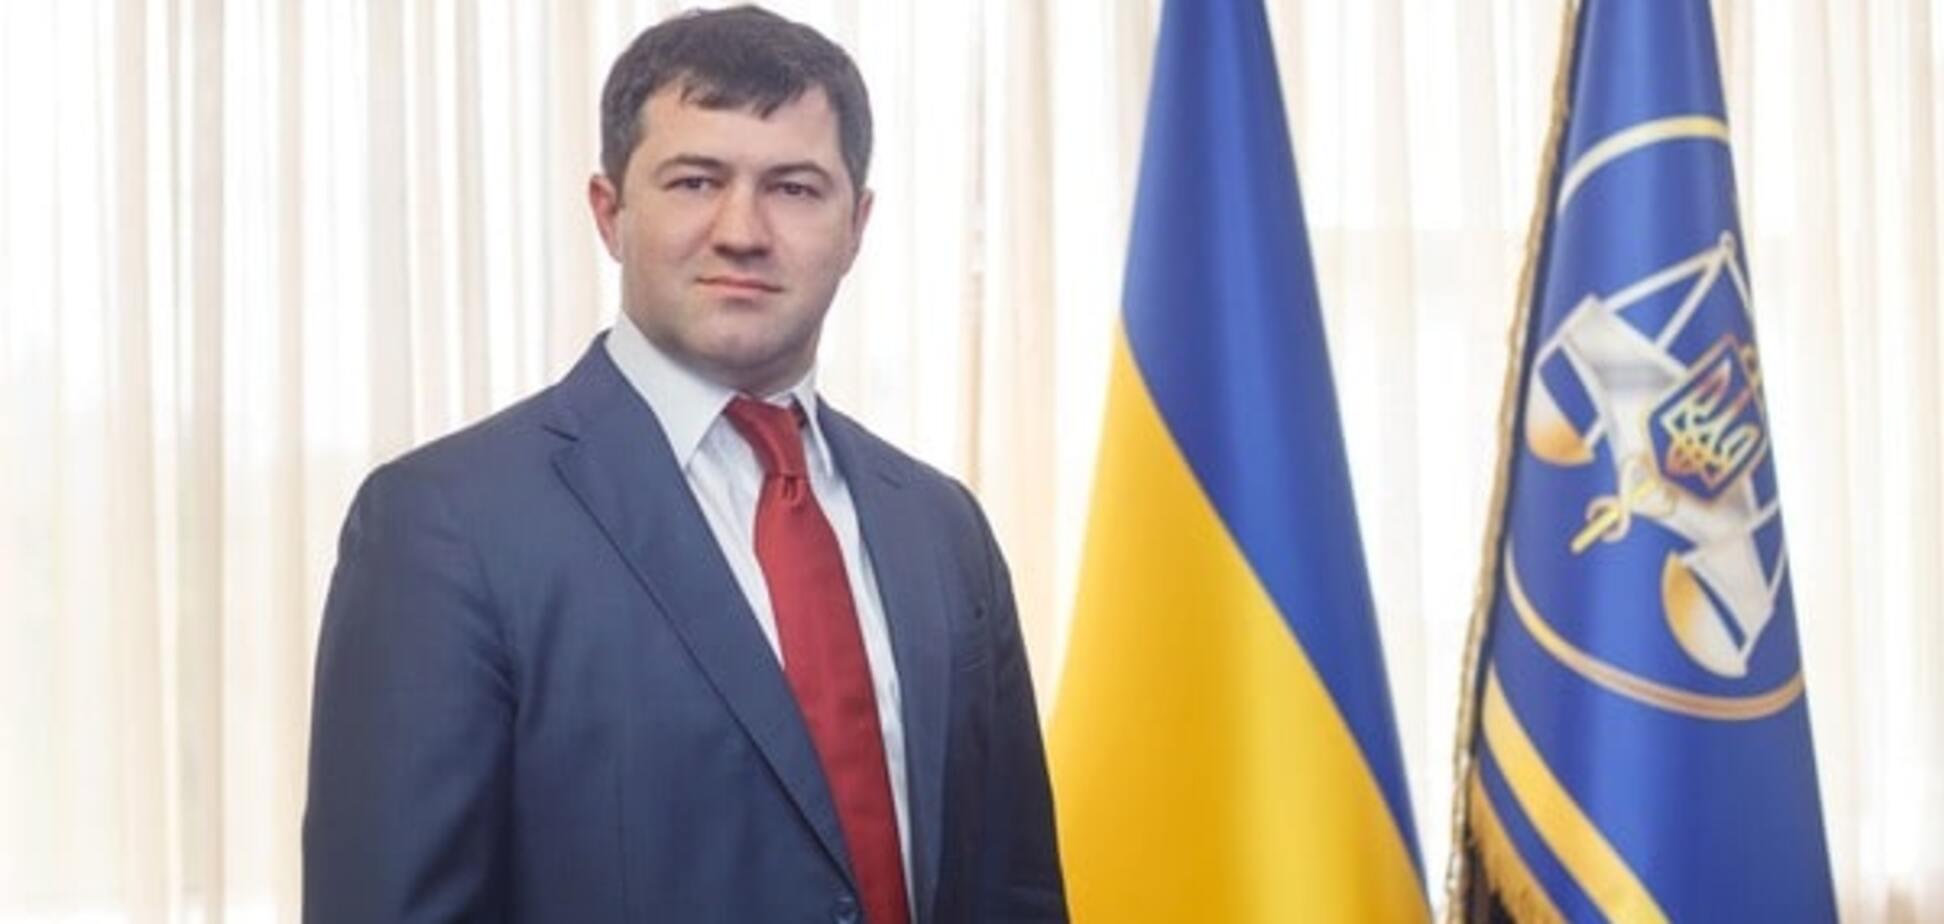 Роман Насиров: Збори до Держбюджету зростають за рахунок детінізації, і це не жарт